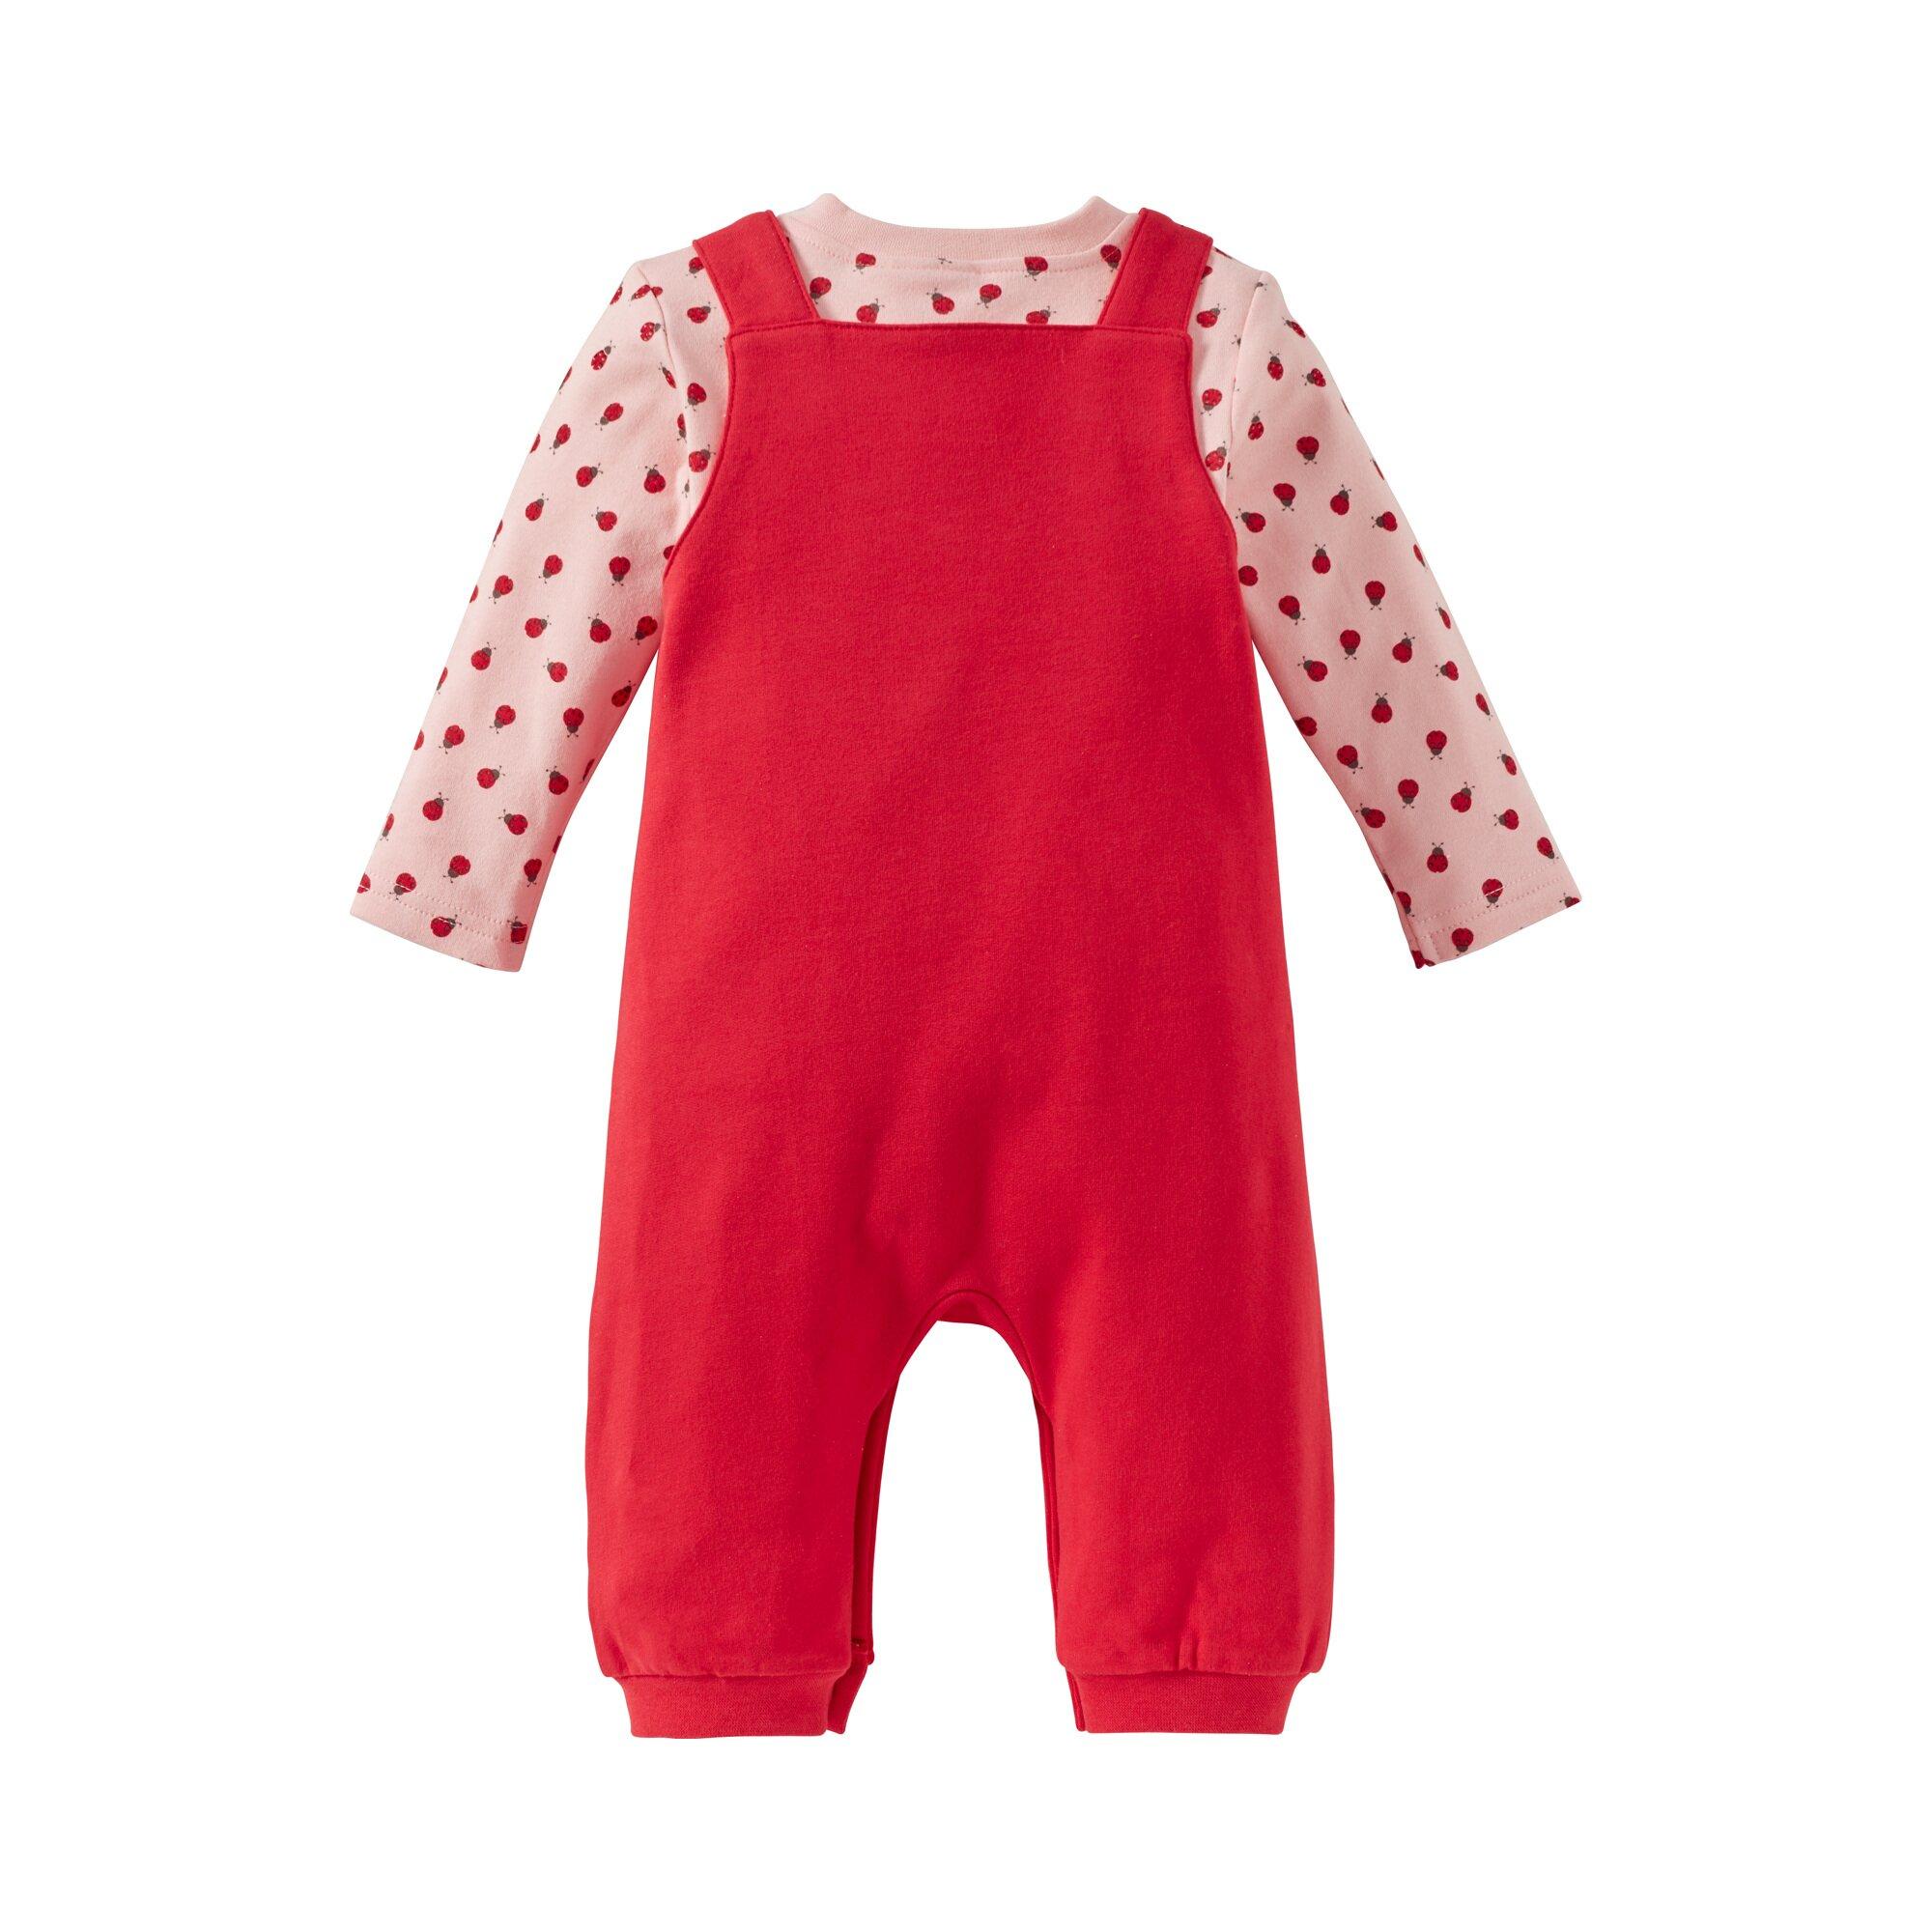 ladybug-2-tlg-set-latzhose-und-shirt